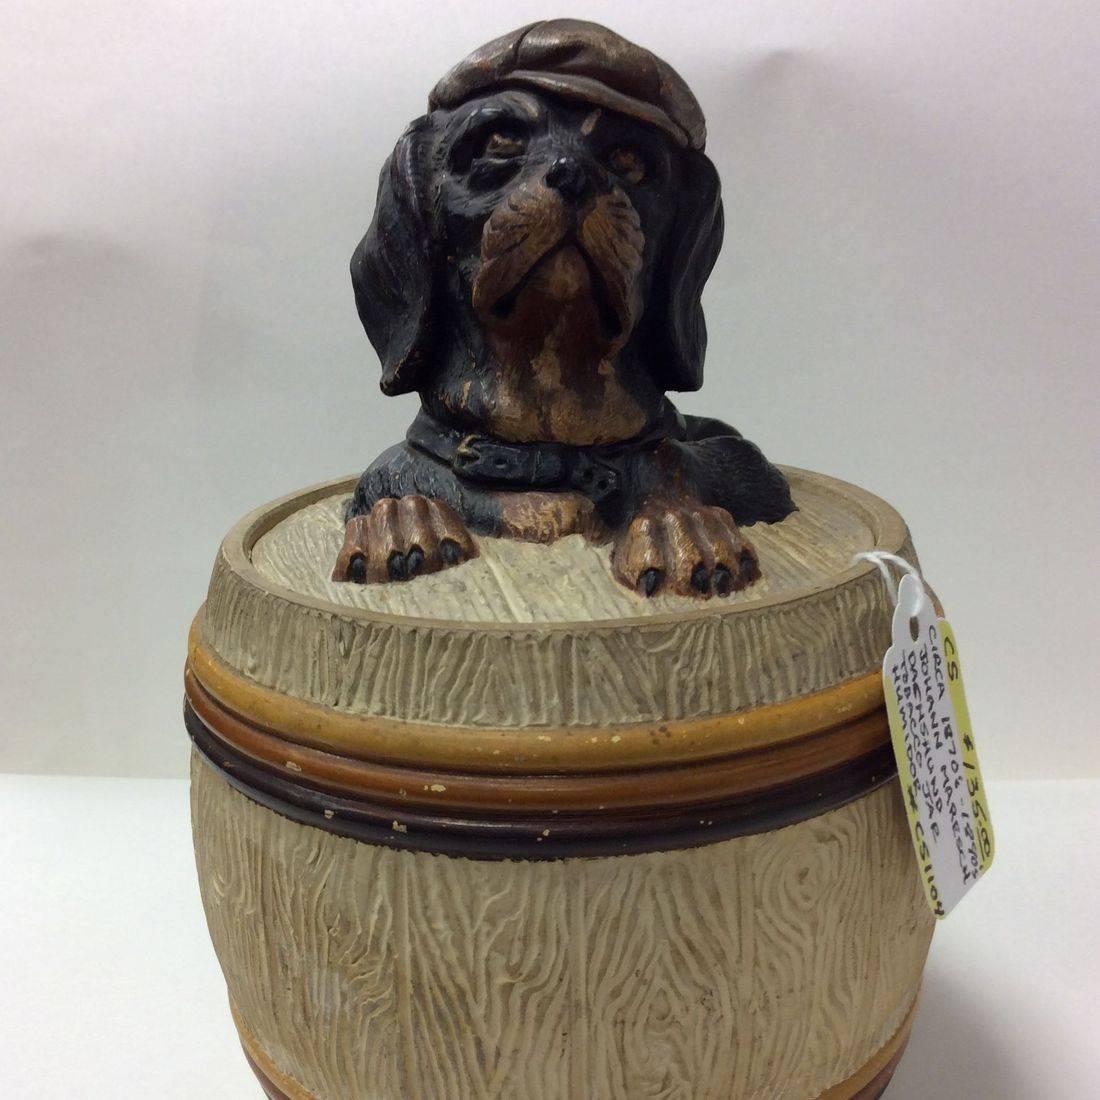 1870's-1890's Johann Maresch Dachshund Tobacco Jar Humidor  $135.00